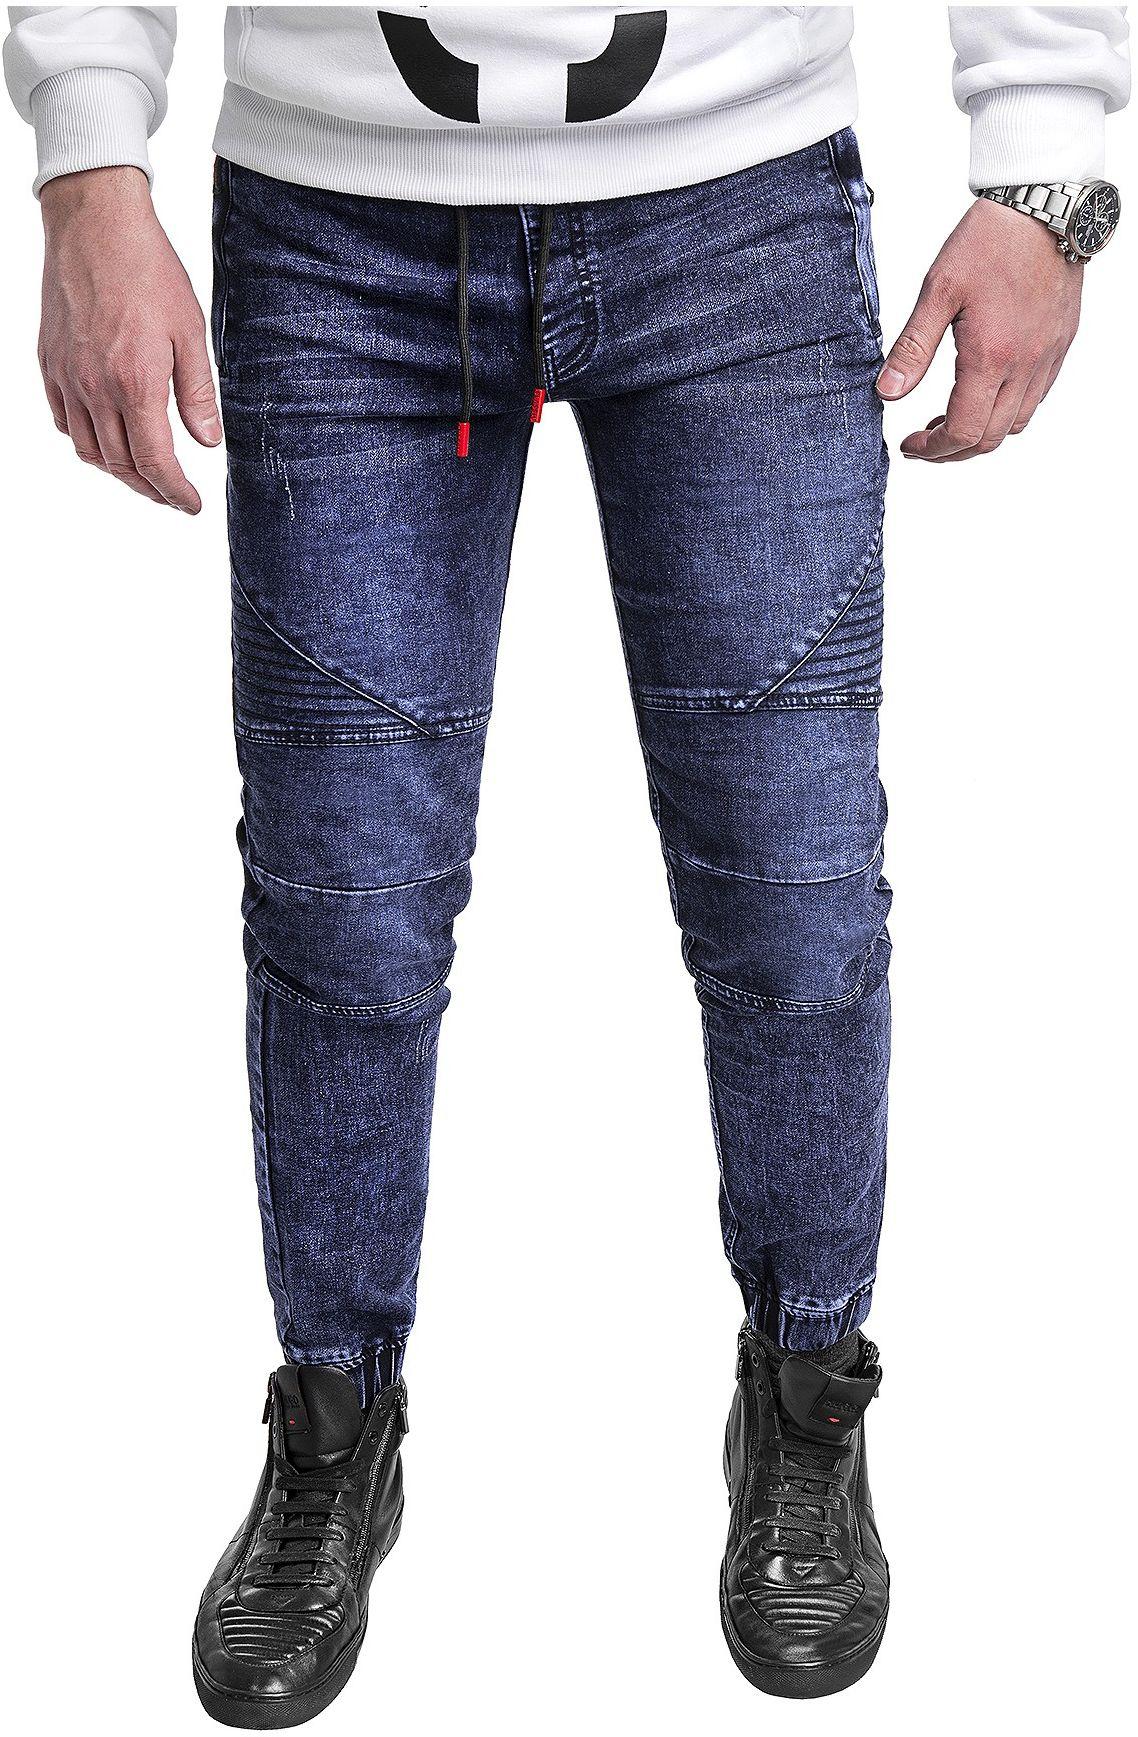 Spodnie jeansowe męskie joggery HY621 - niebieskie